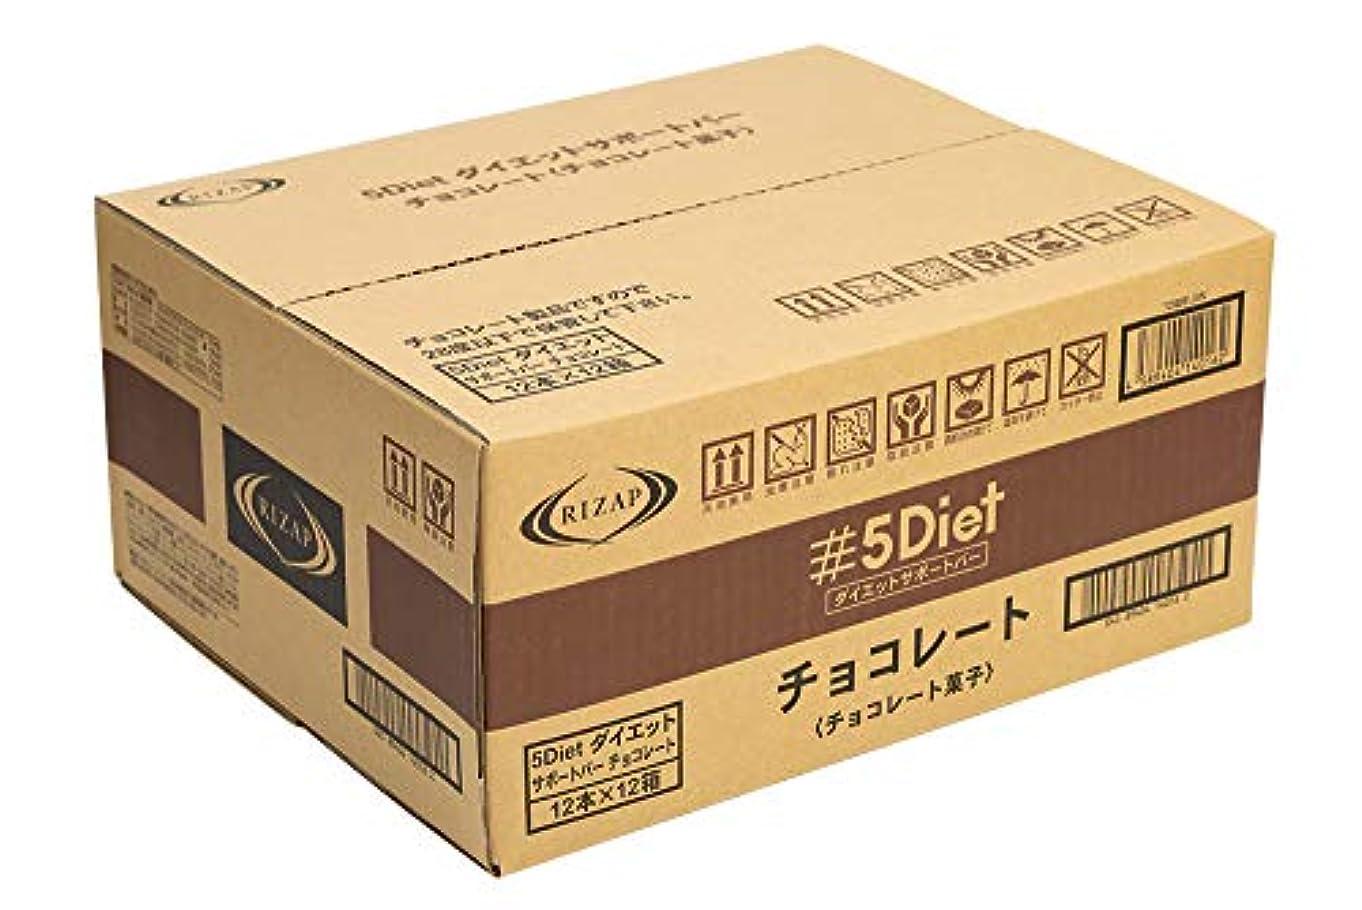 結果ディベート民間【ケース販売】RIZAP 5Diet サポートバー チョコレート味 12本入×12箱